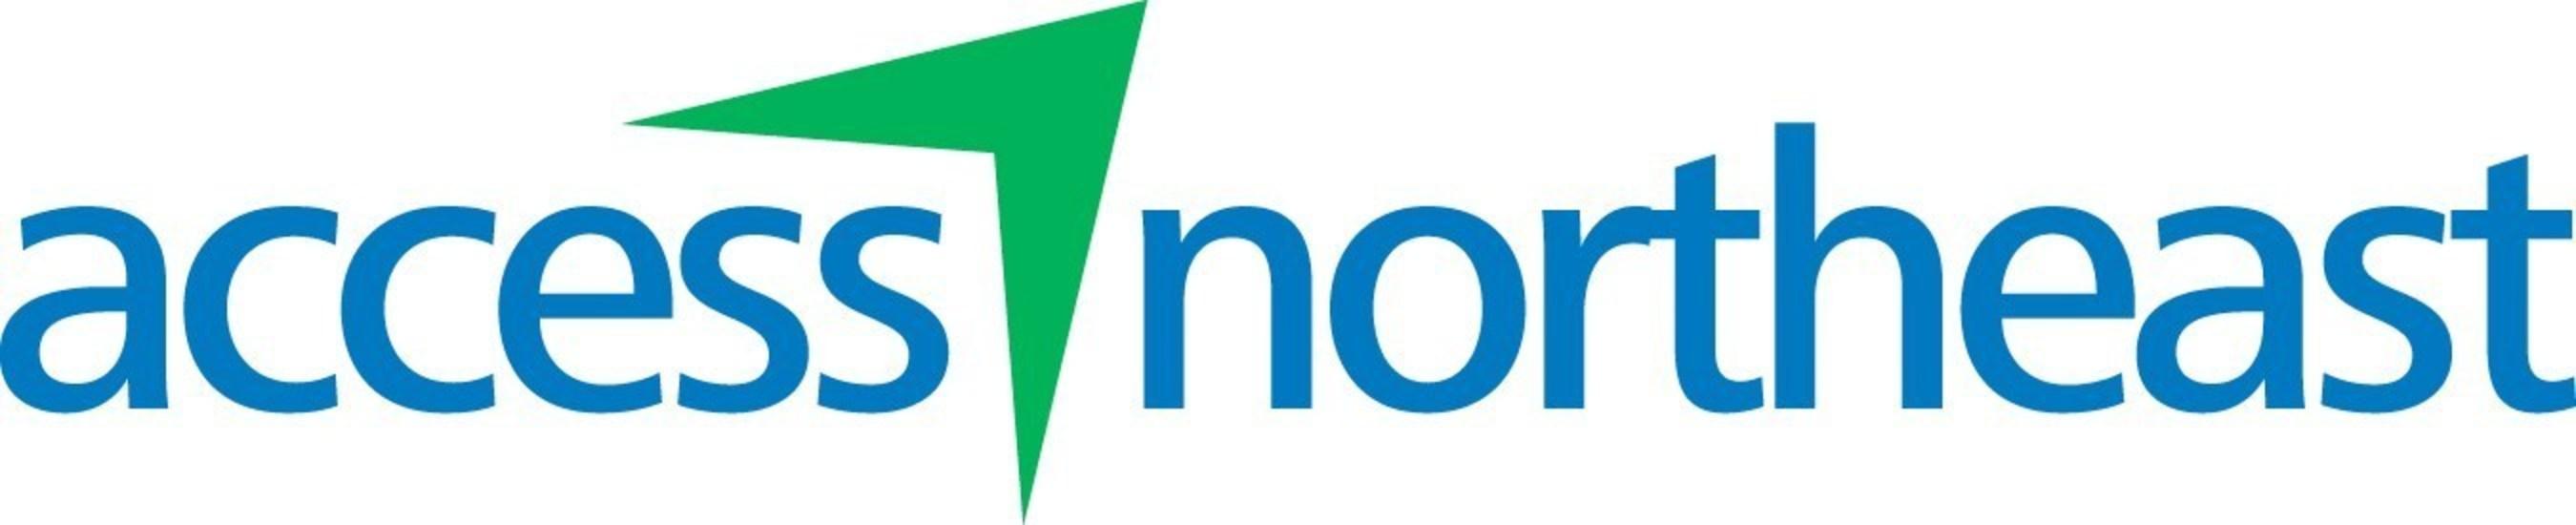 Access Northeast logo